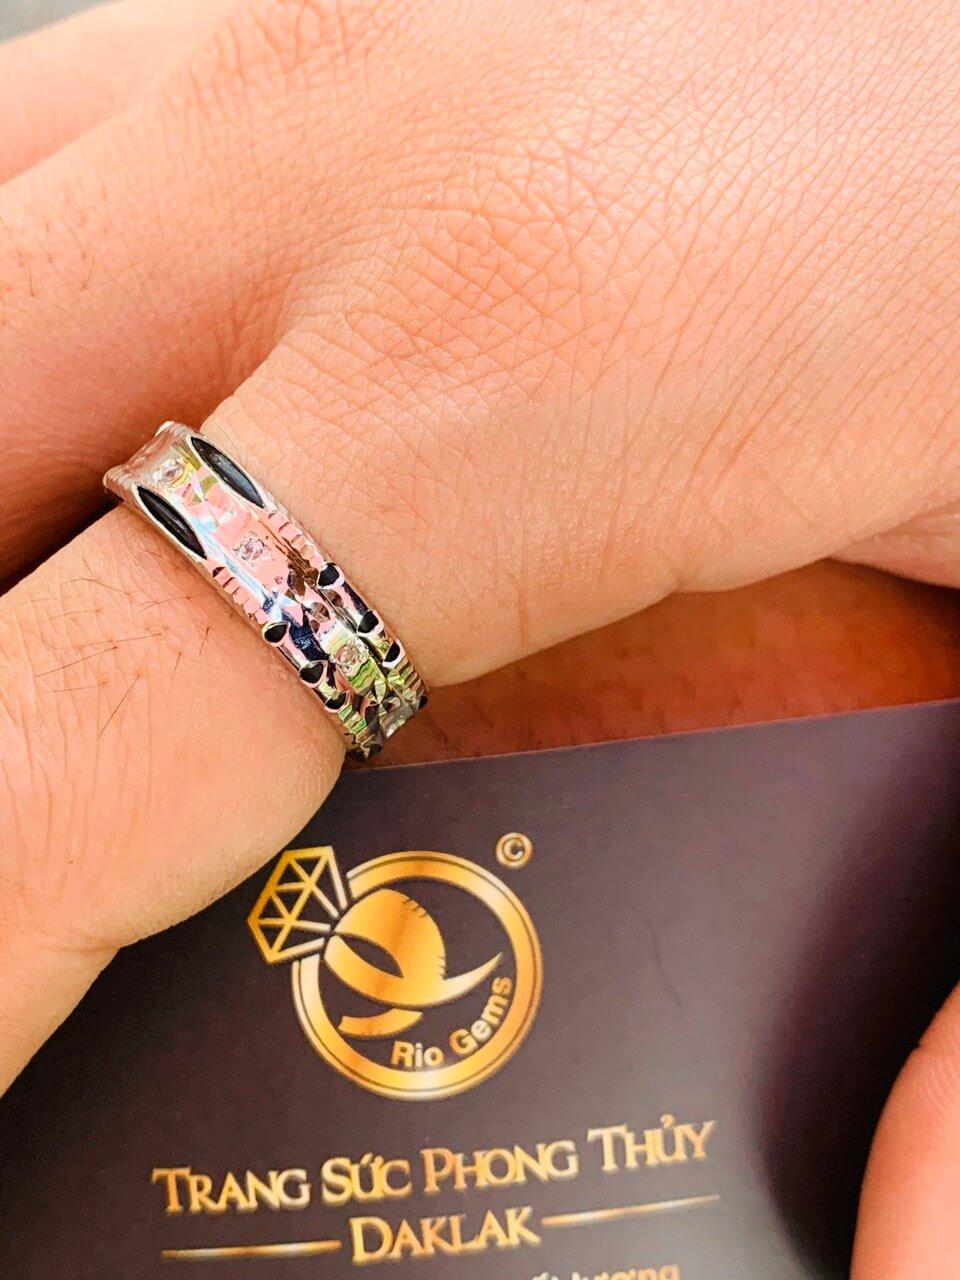 Cặp nhẫn đính 9 viên đá xanh lá Cz được nhiều cặp đôi yêu thích